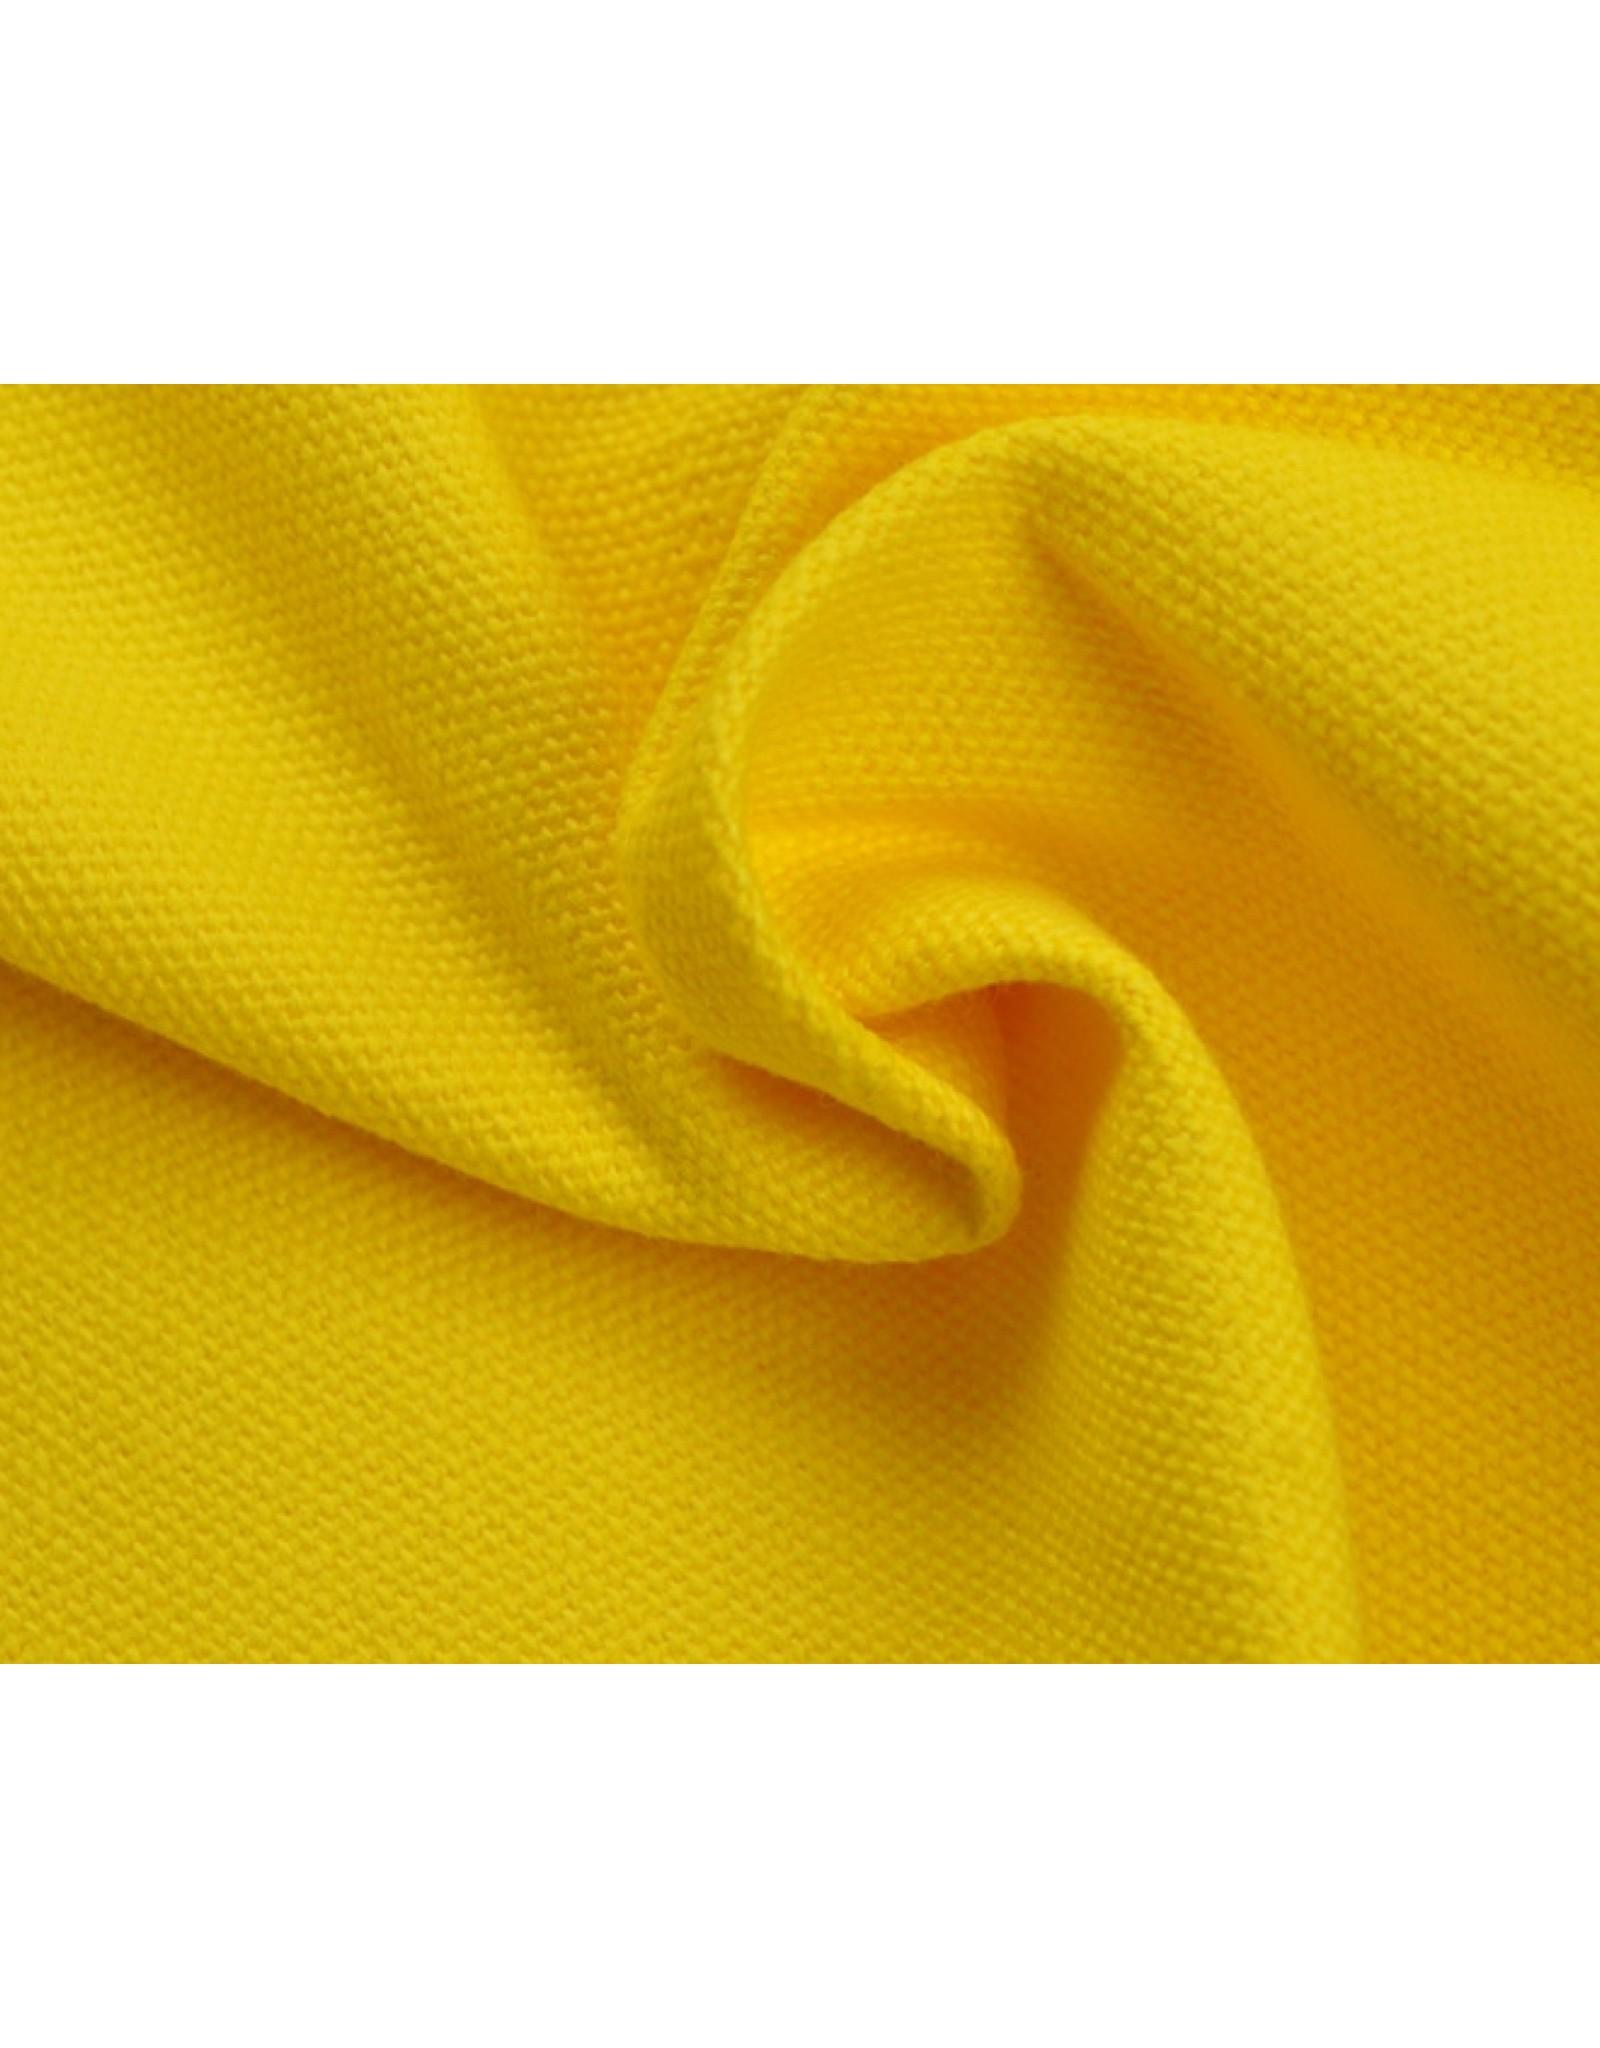 Kanvas stoff Uni - Gelb (350 gr/m)